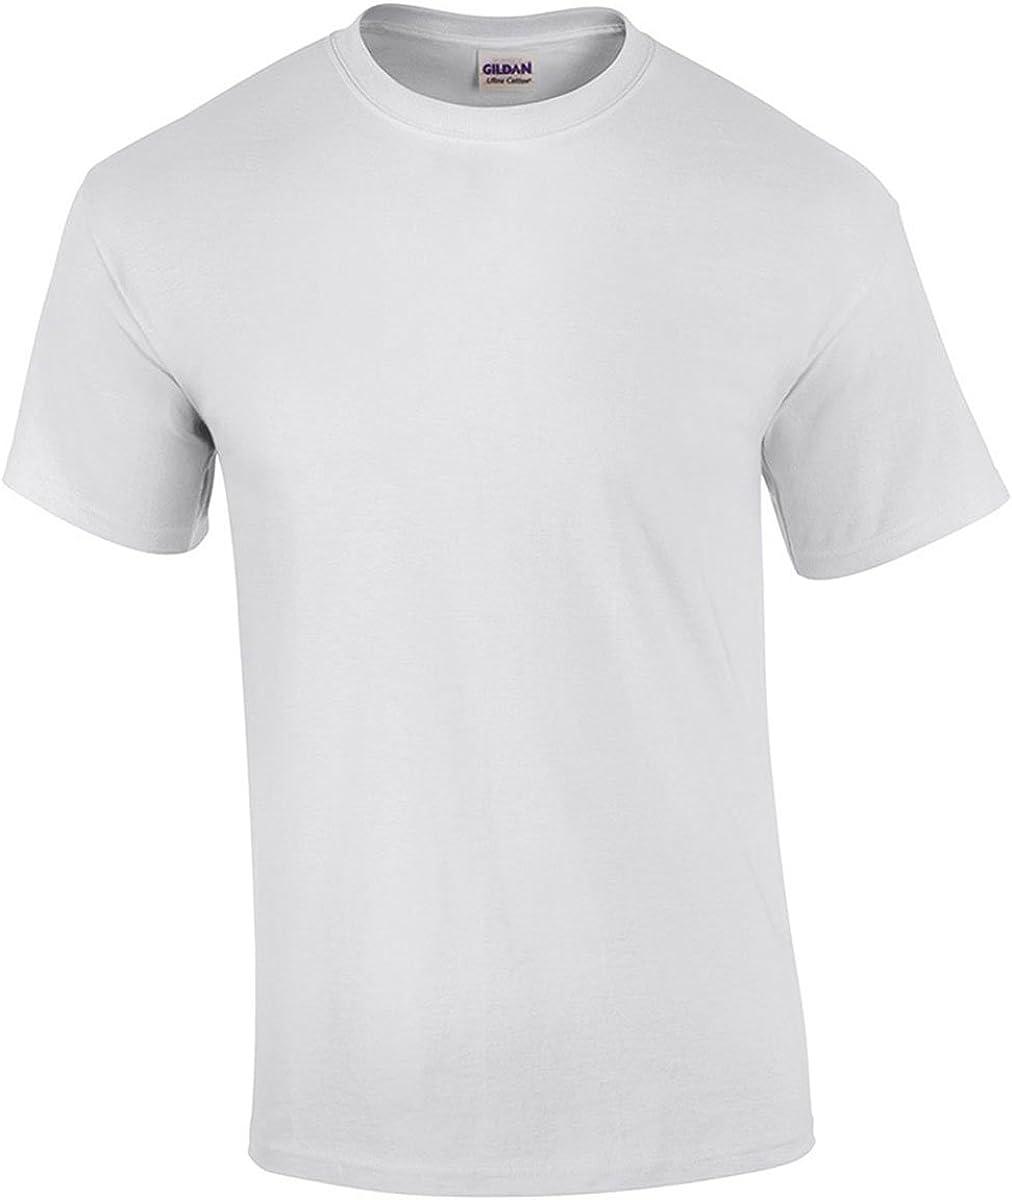 Gildan Mens Heavy CottonTM 5.3 Oz T-Shirt